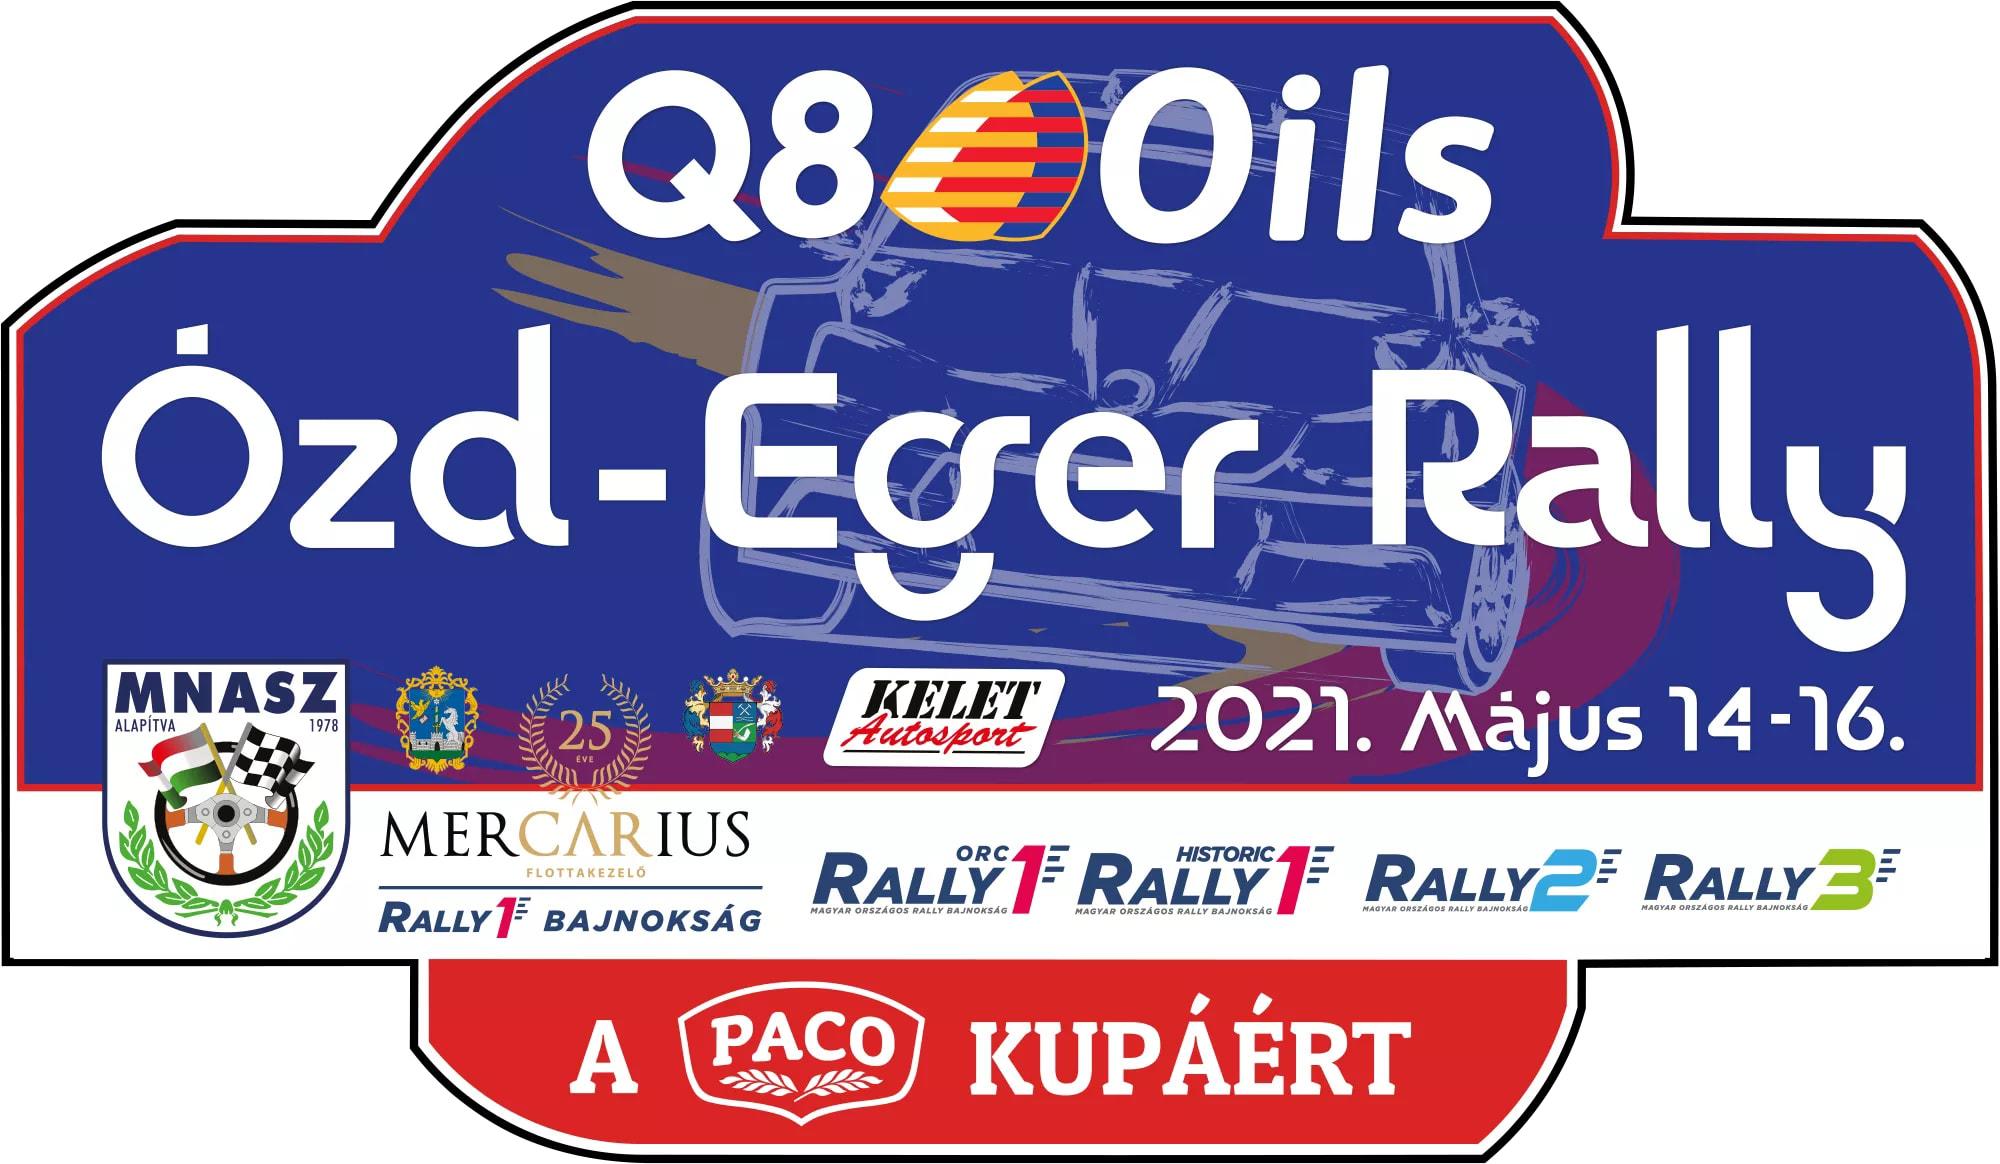 Hétvégén lesz az Ózd - Eger rally